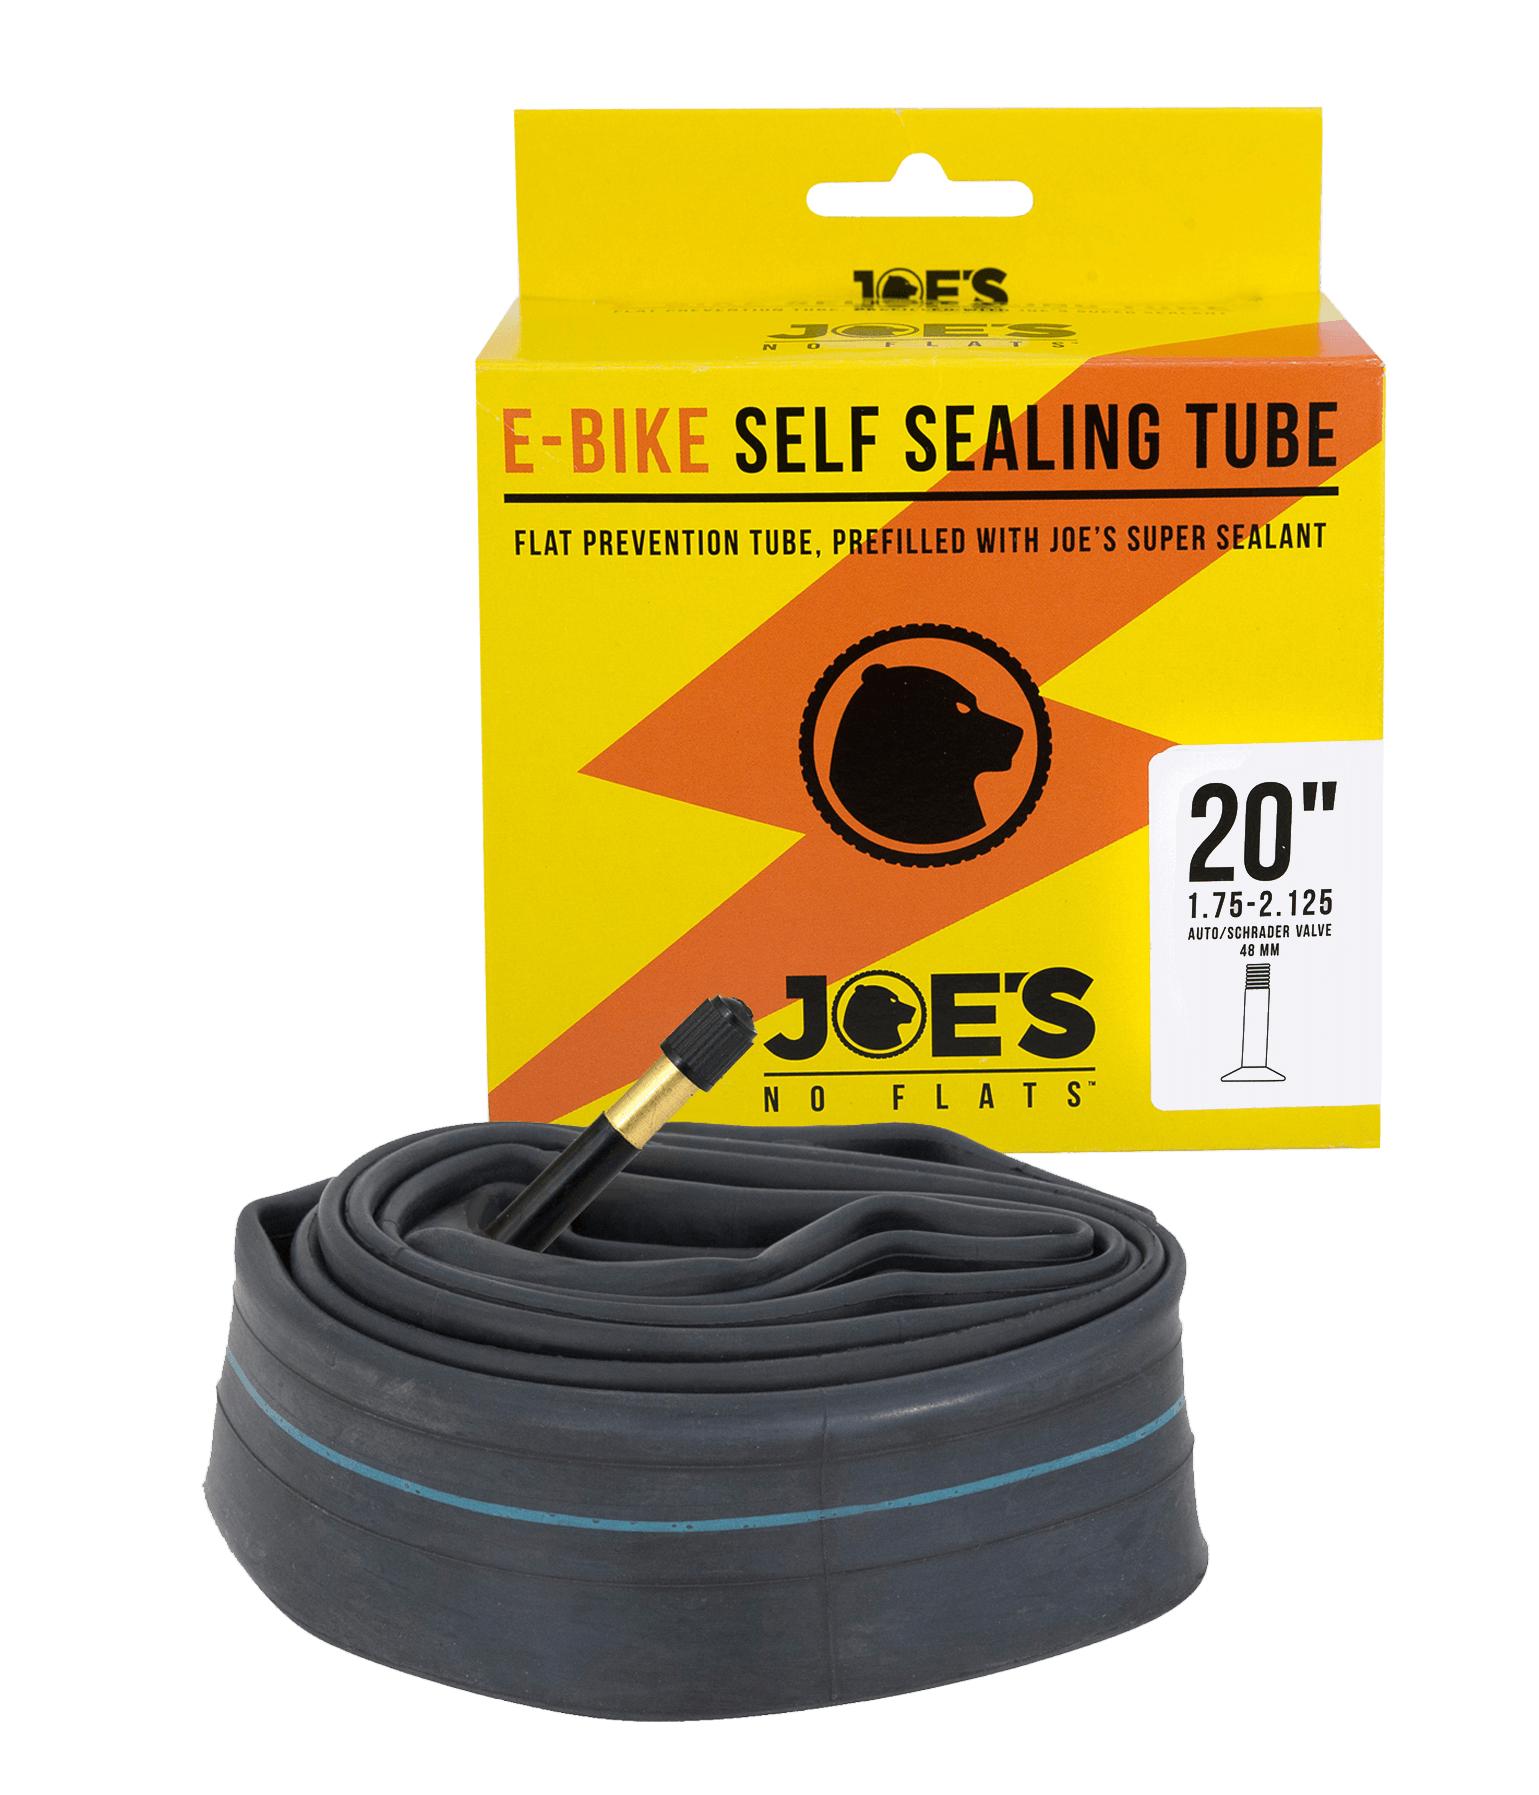 Joe's No Flats 20x1.75-2.25